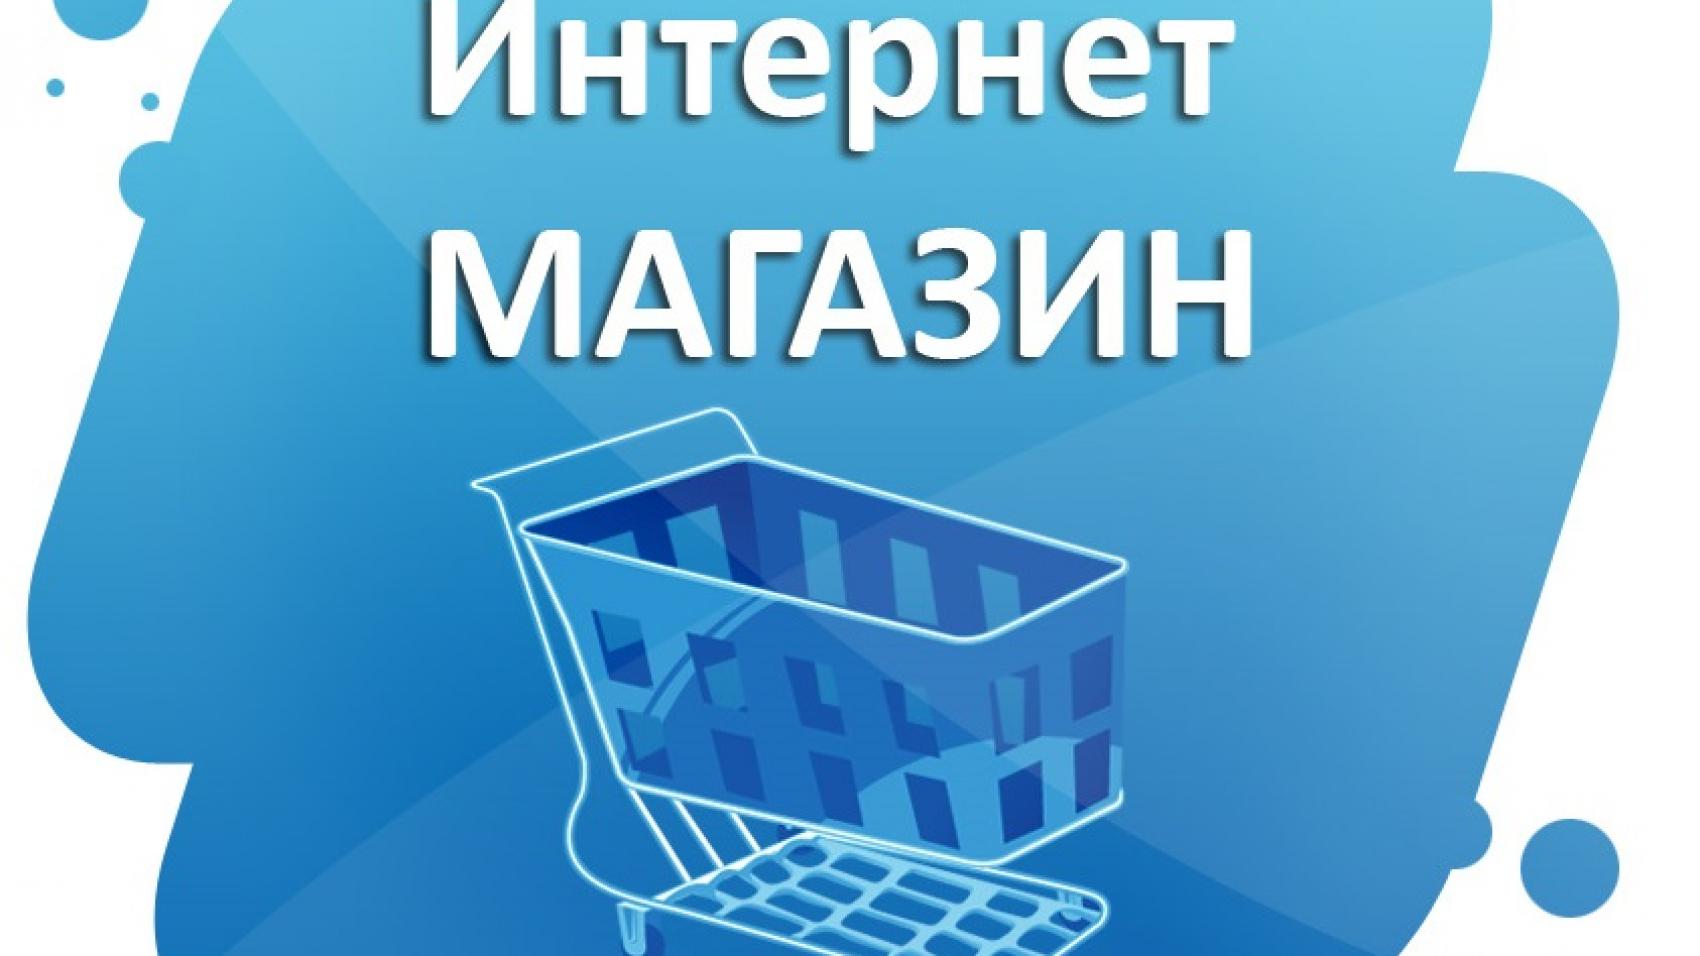 Эффективные стратегии продвижения интернет-магазина